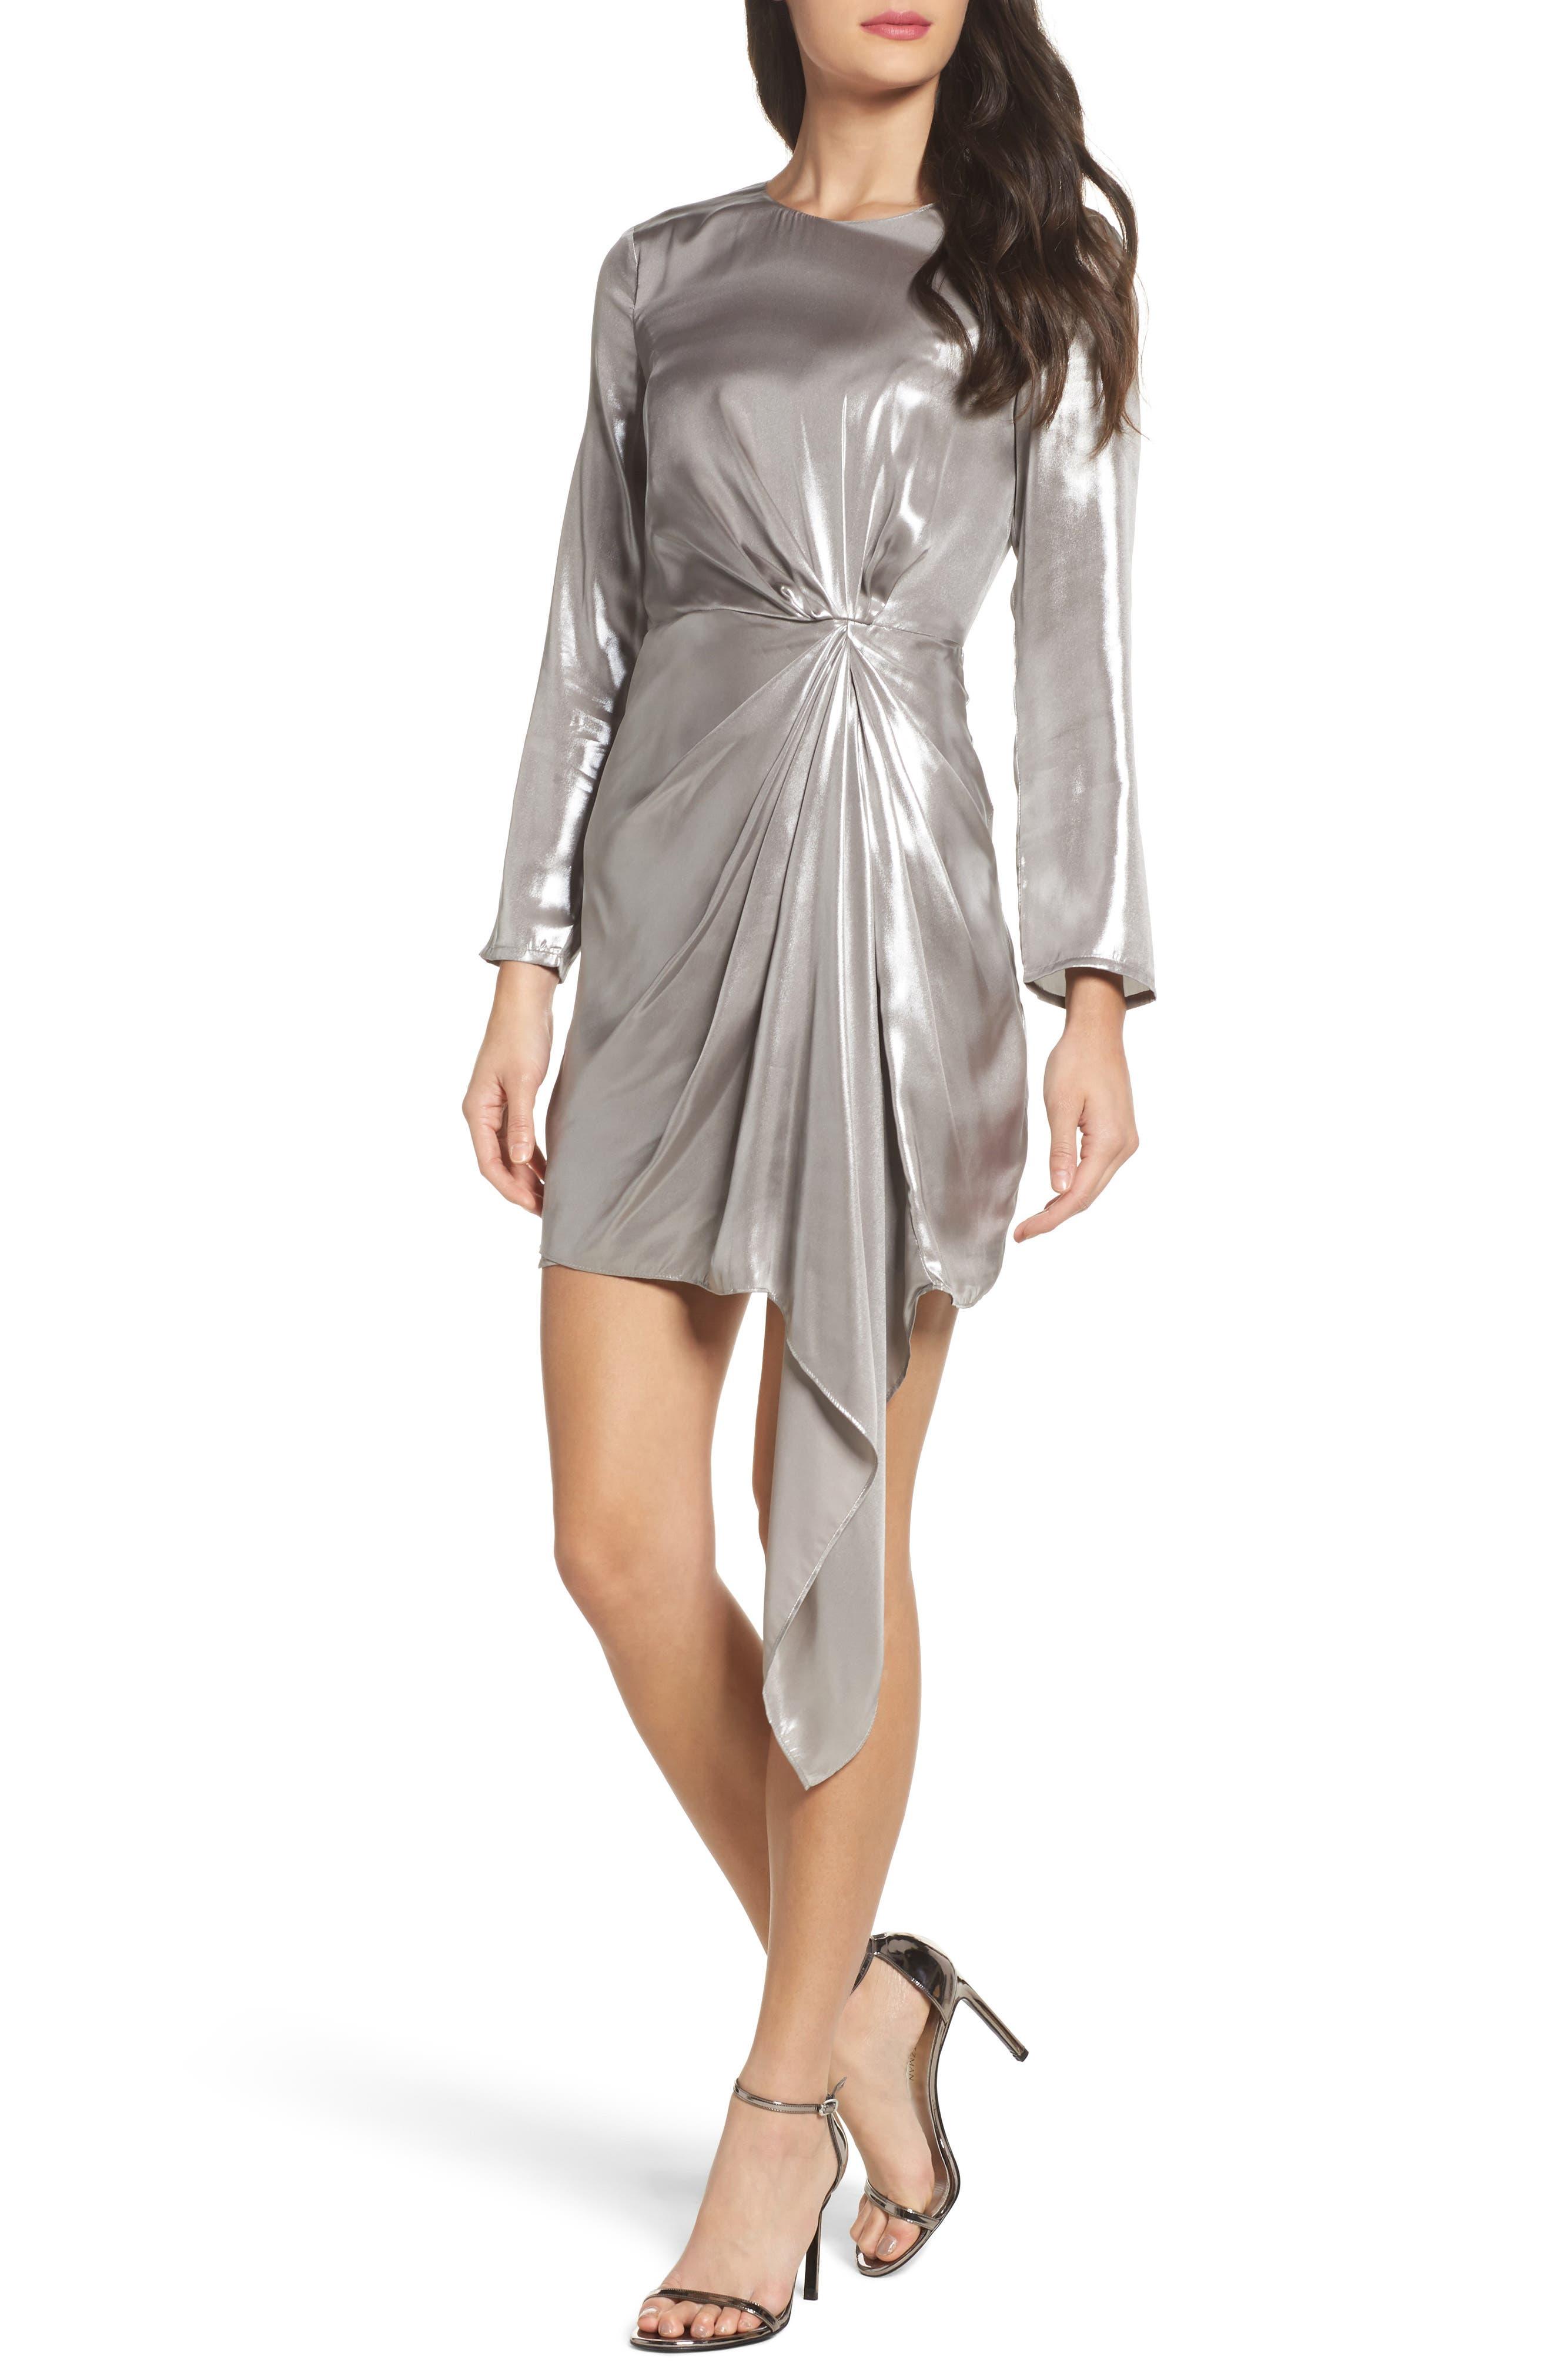 Alternate Image 1 Selected - Bardot Shimmer Drape Front Dress